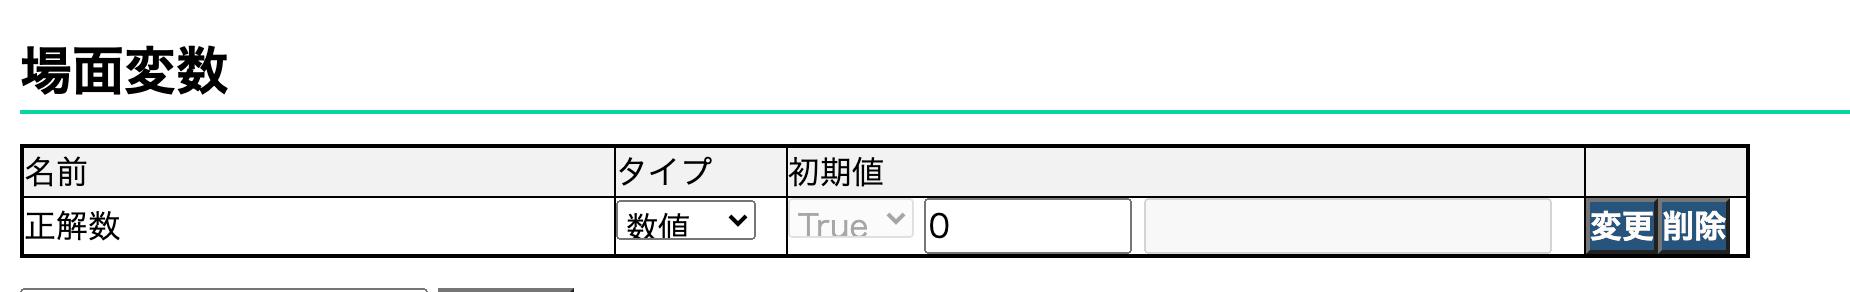 スクリーンショット 2020-06-13 13.56.53.png